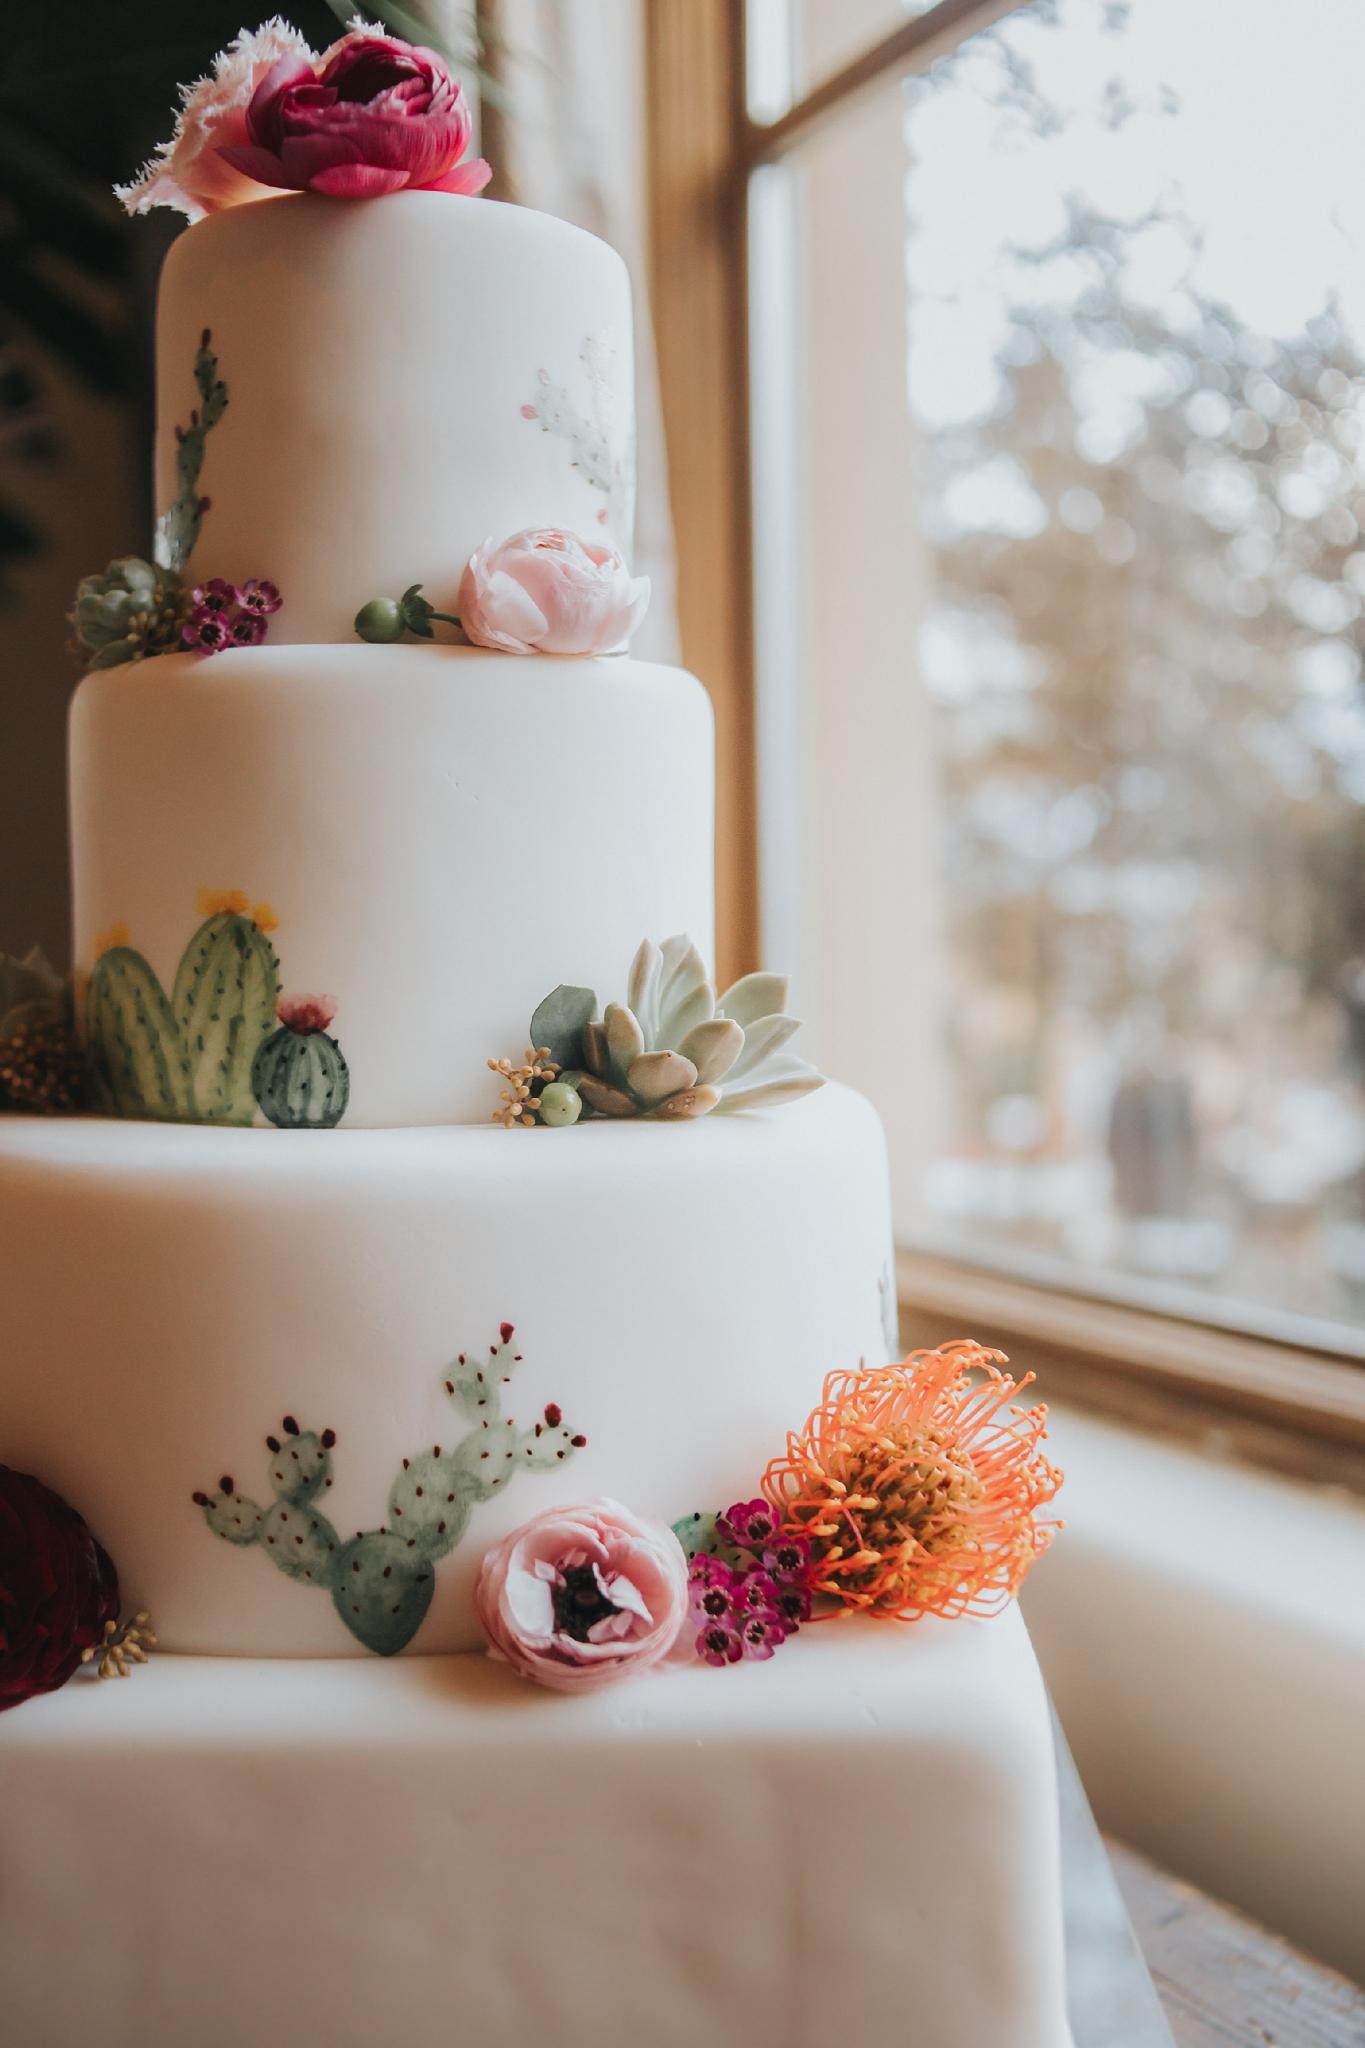 Alicia+lucia+photography+-+albuquerque+wedding+photographer+-+santa+fe+wedding+photography+-+new+mexico+wedding+photographer+-+wedding+reception+-+wedding+cake+-+wedding+sweets+-+maggies+cakes_0018.jpg